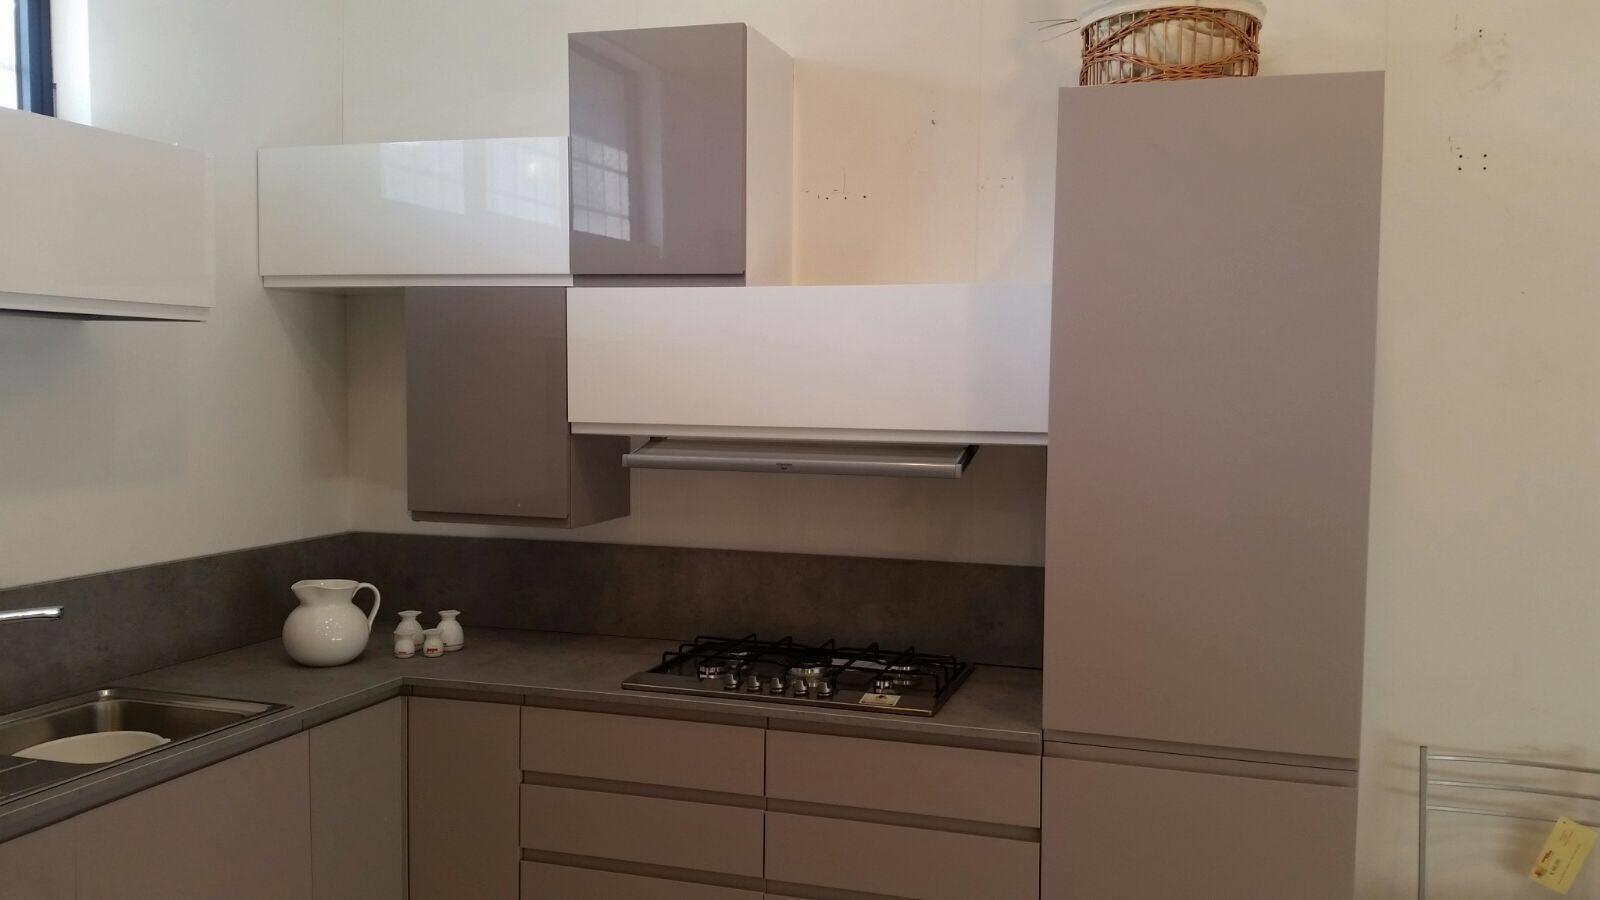 Stunning cucina tortora e panna images home interior ideas - Cucina color panna ...